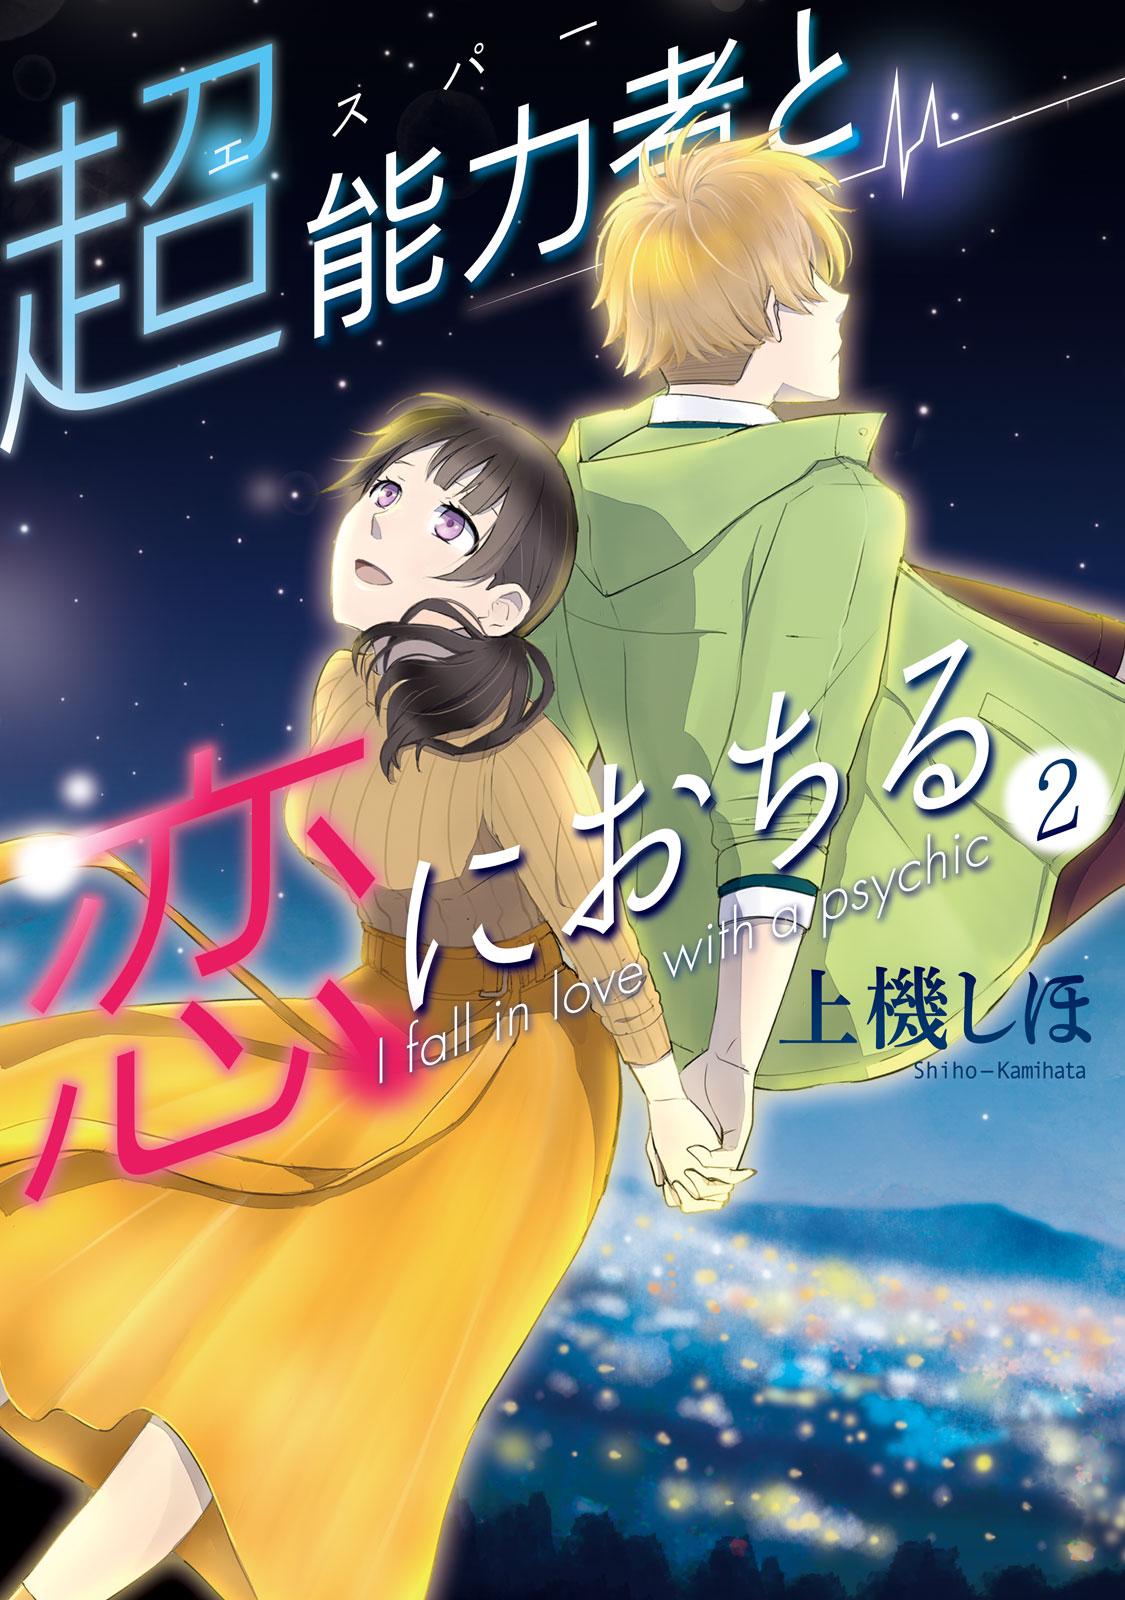 超能力者と恋におちる(2)